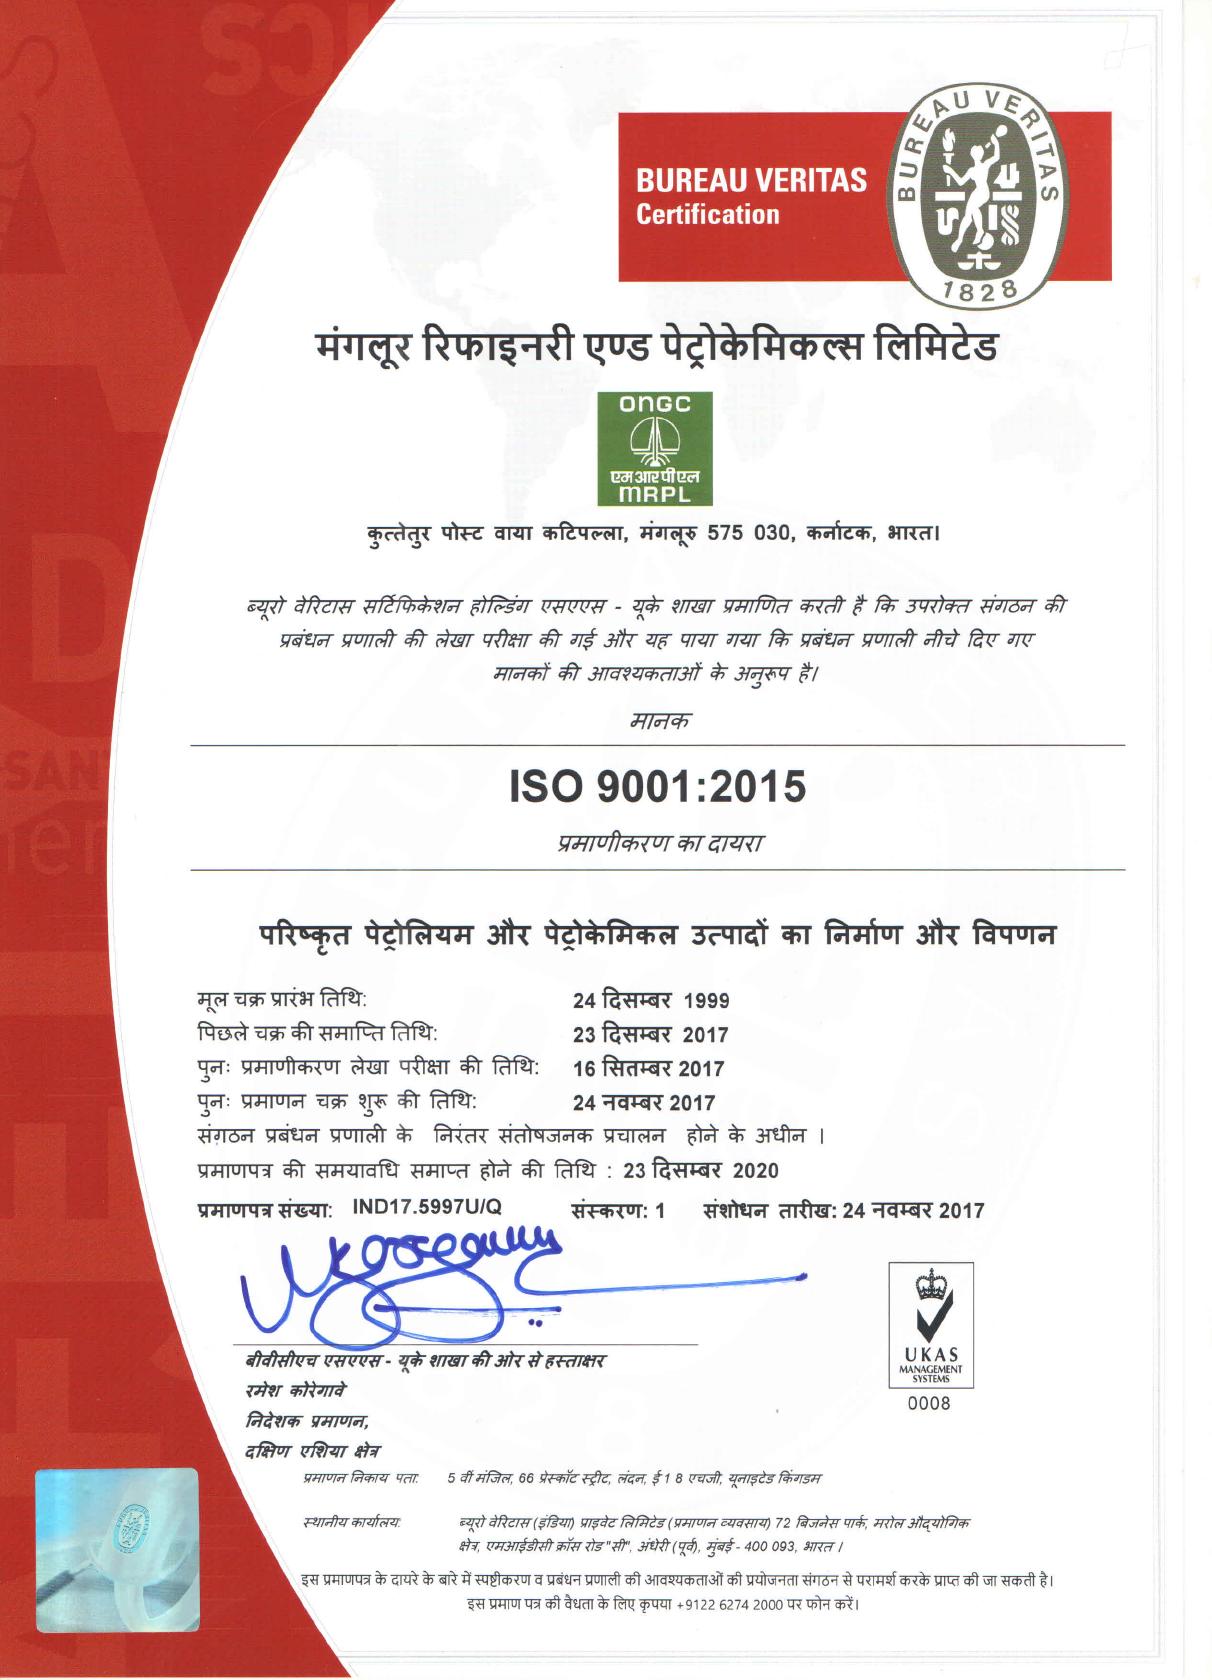 एक आईएसओ 9001:2008 प्रमाणित कंपनी एमआरपीएल